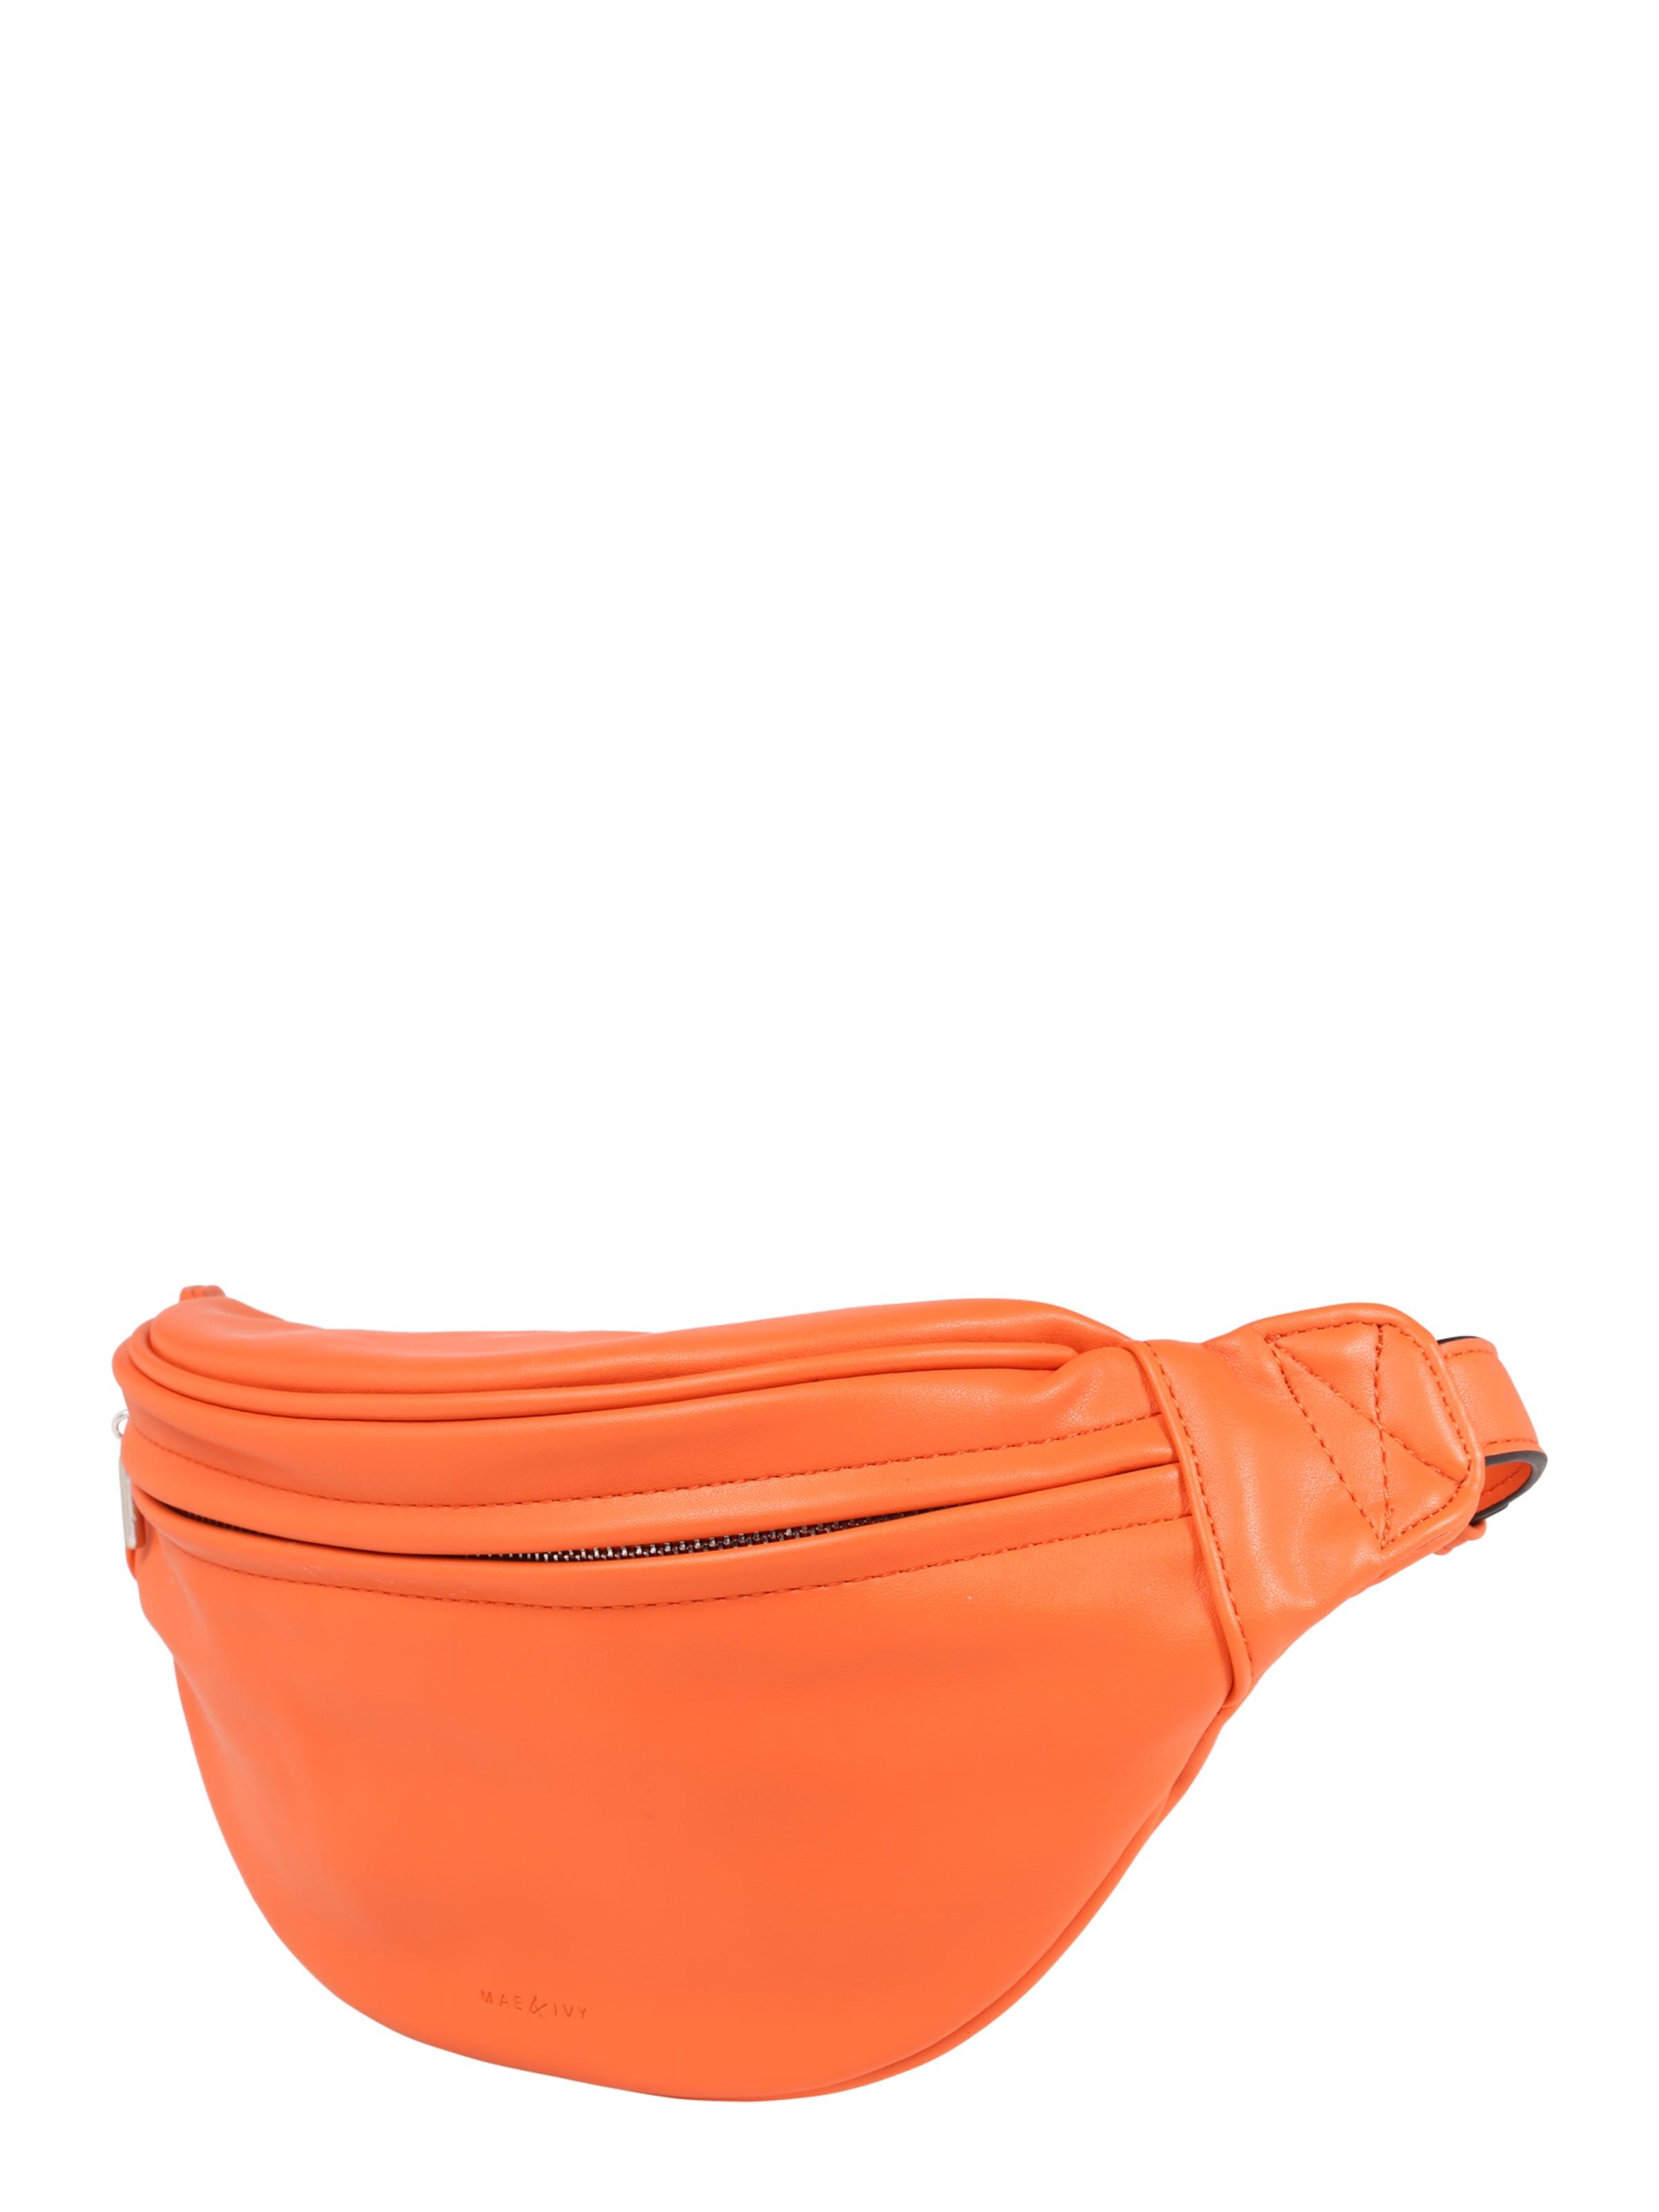 'rose Maeamp; Sacs Belt' Banane Orange Ivy En D2IEH9